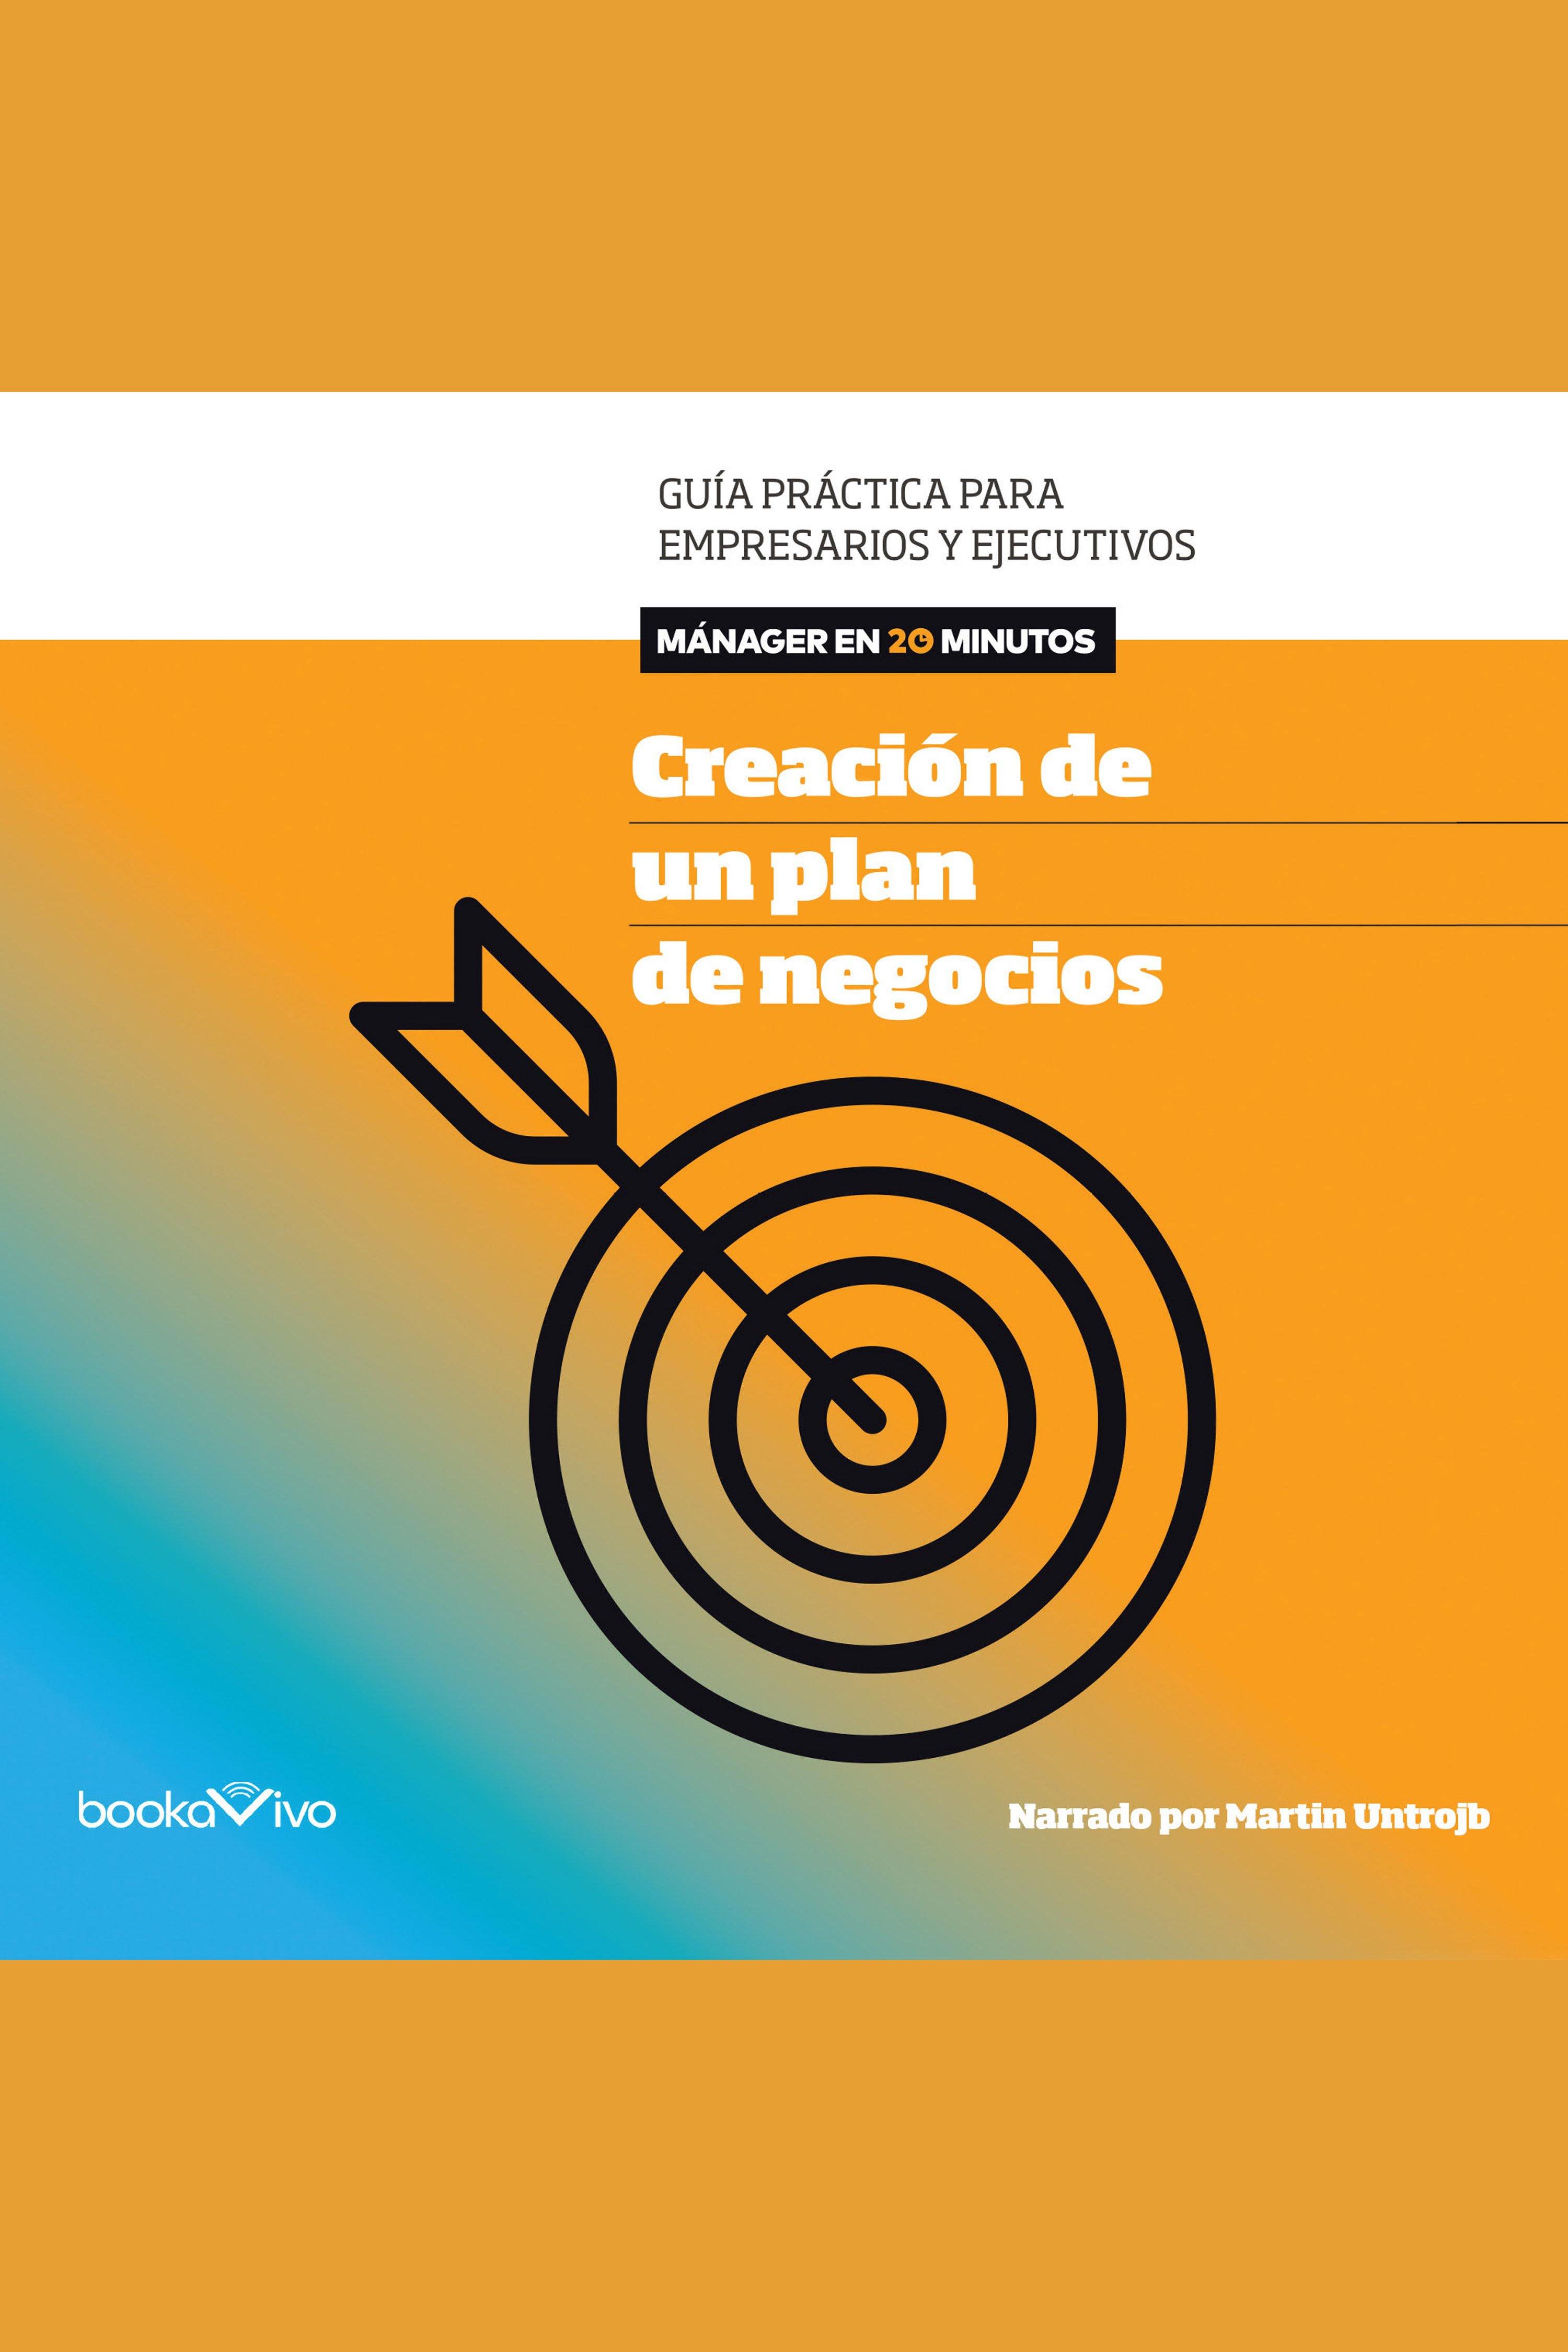 Esta es la portada del audiolibro Creación de un plan de negocios (Creating Business Plans)